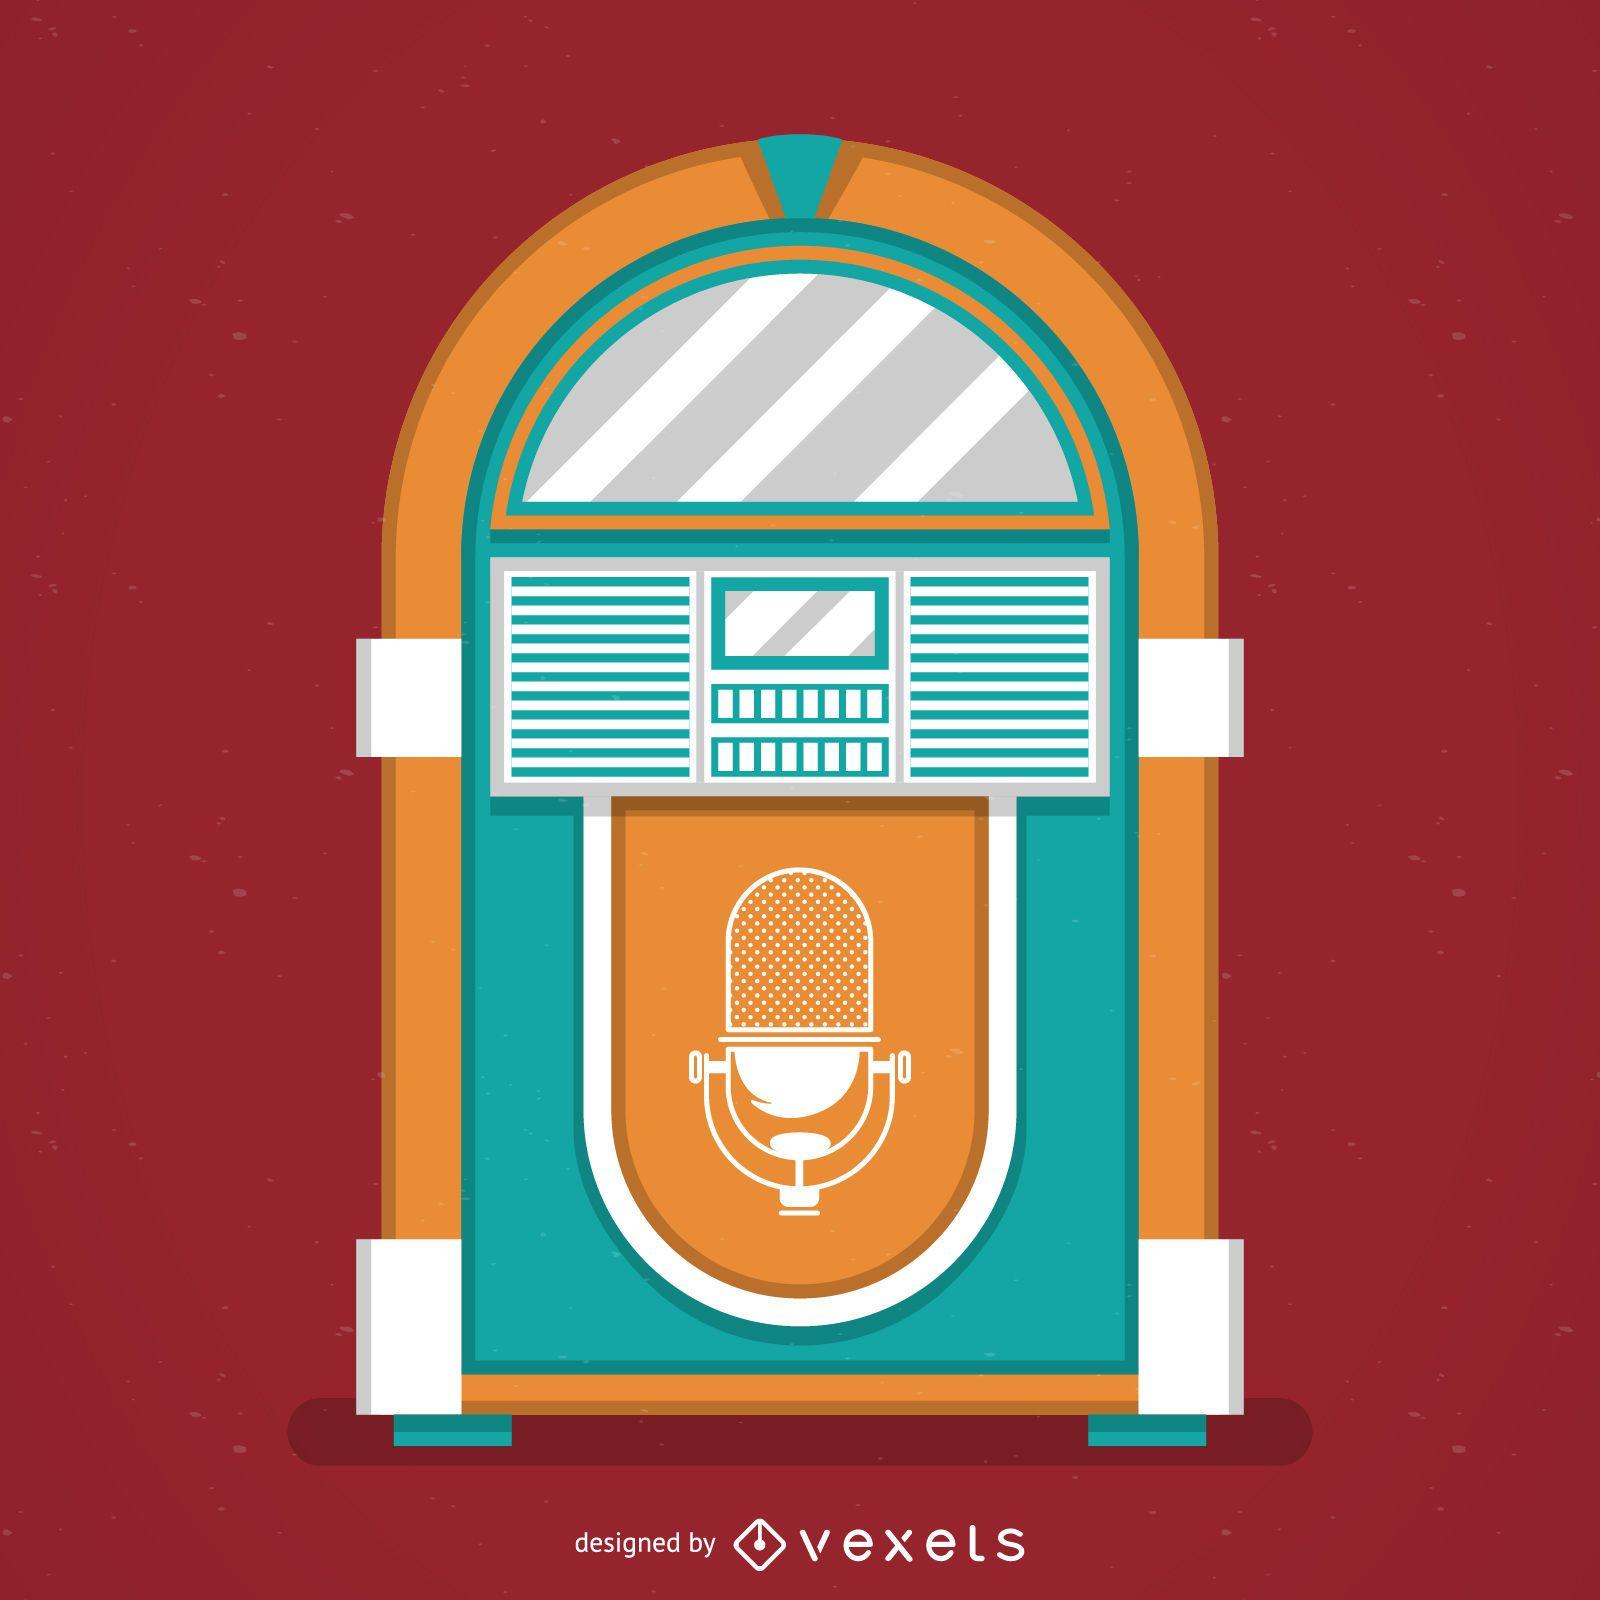 hight resolution of vintage music jukebox illustration